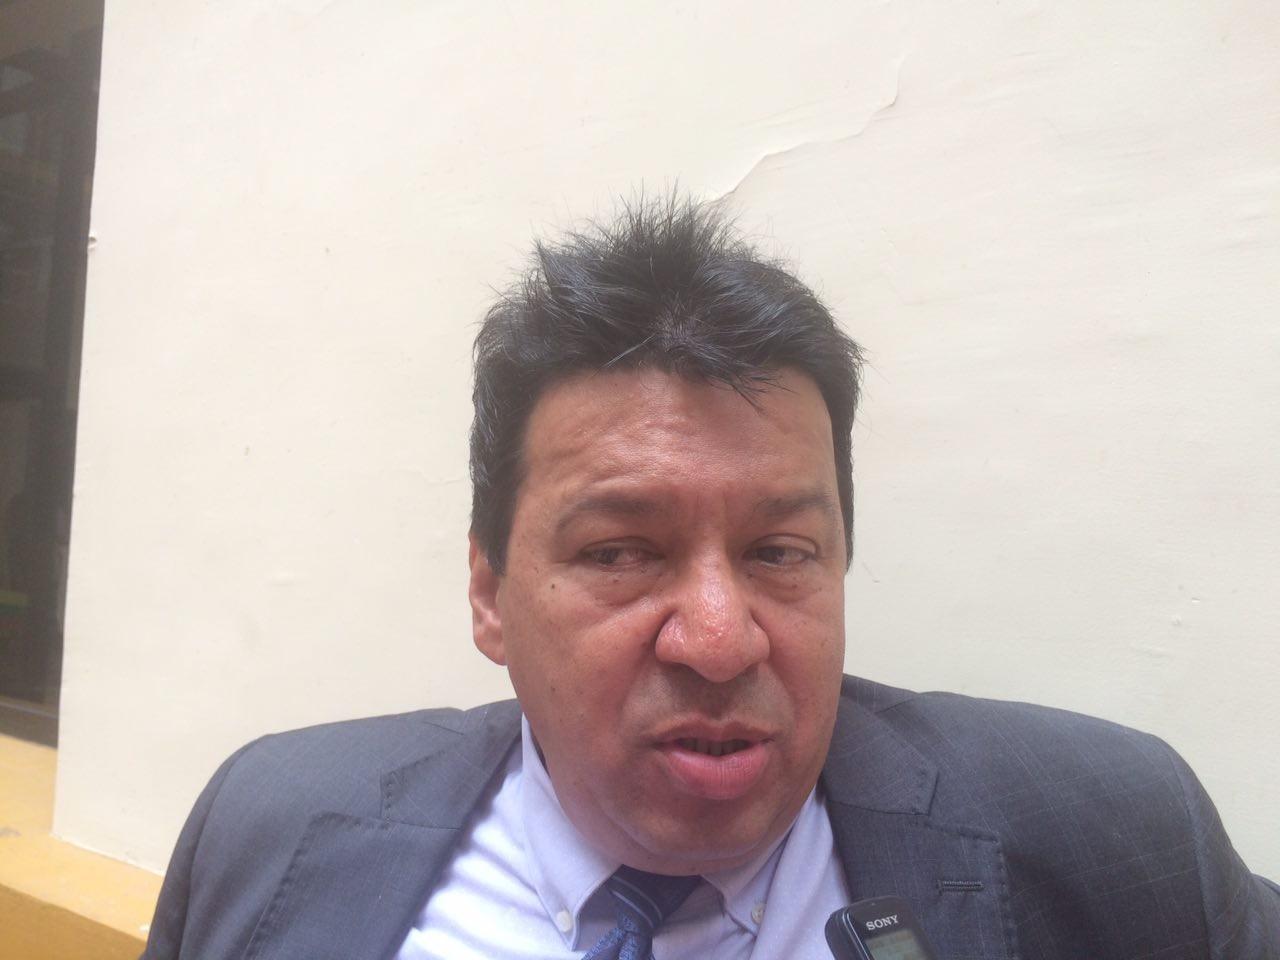 Abogado Arciniegas invita a Jaramillo a un debate, para desmentirlo en Público